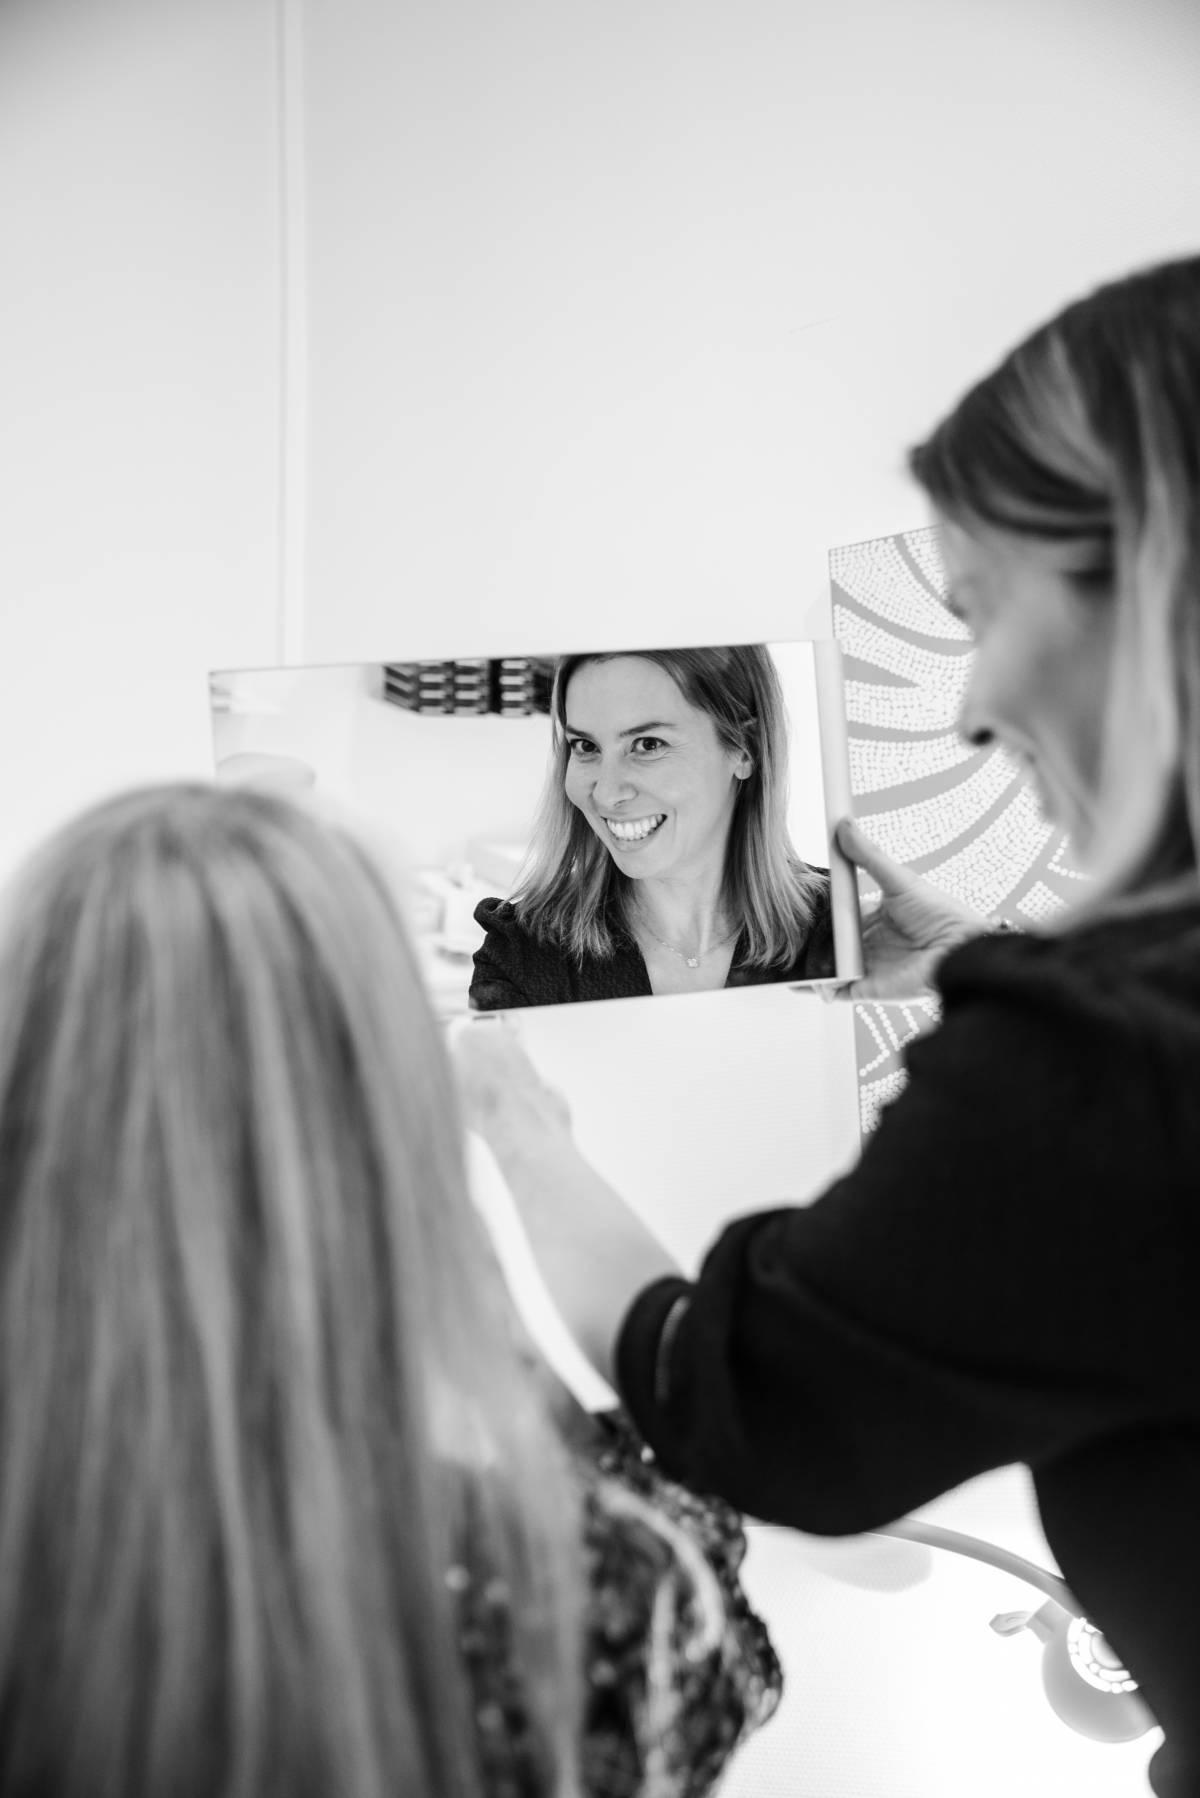 Chirurgien esthétique femme à Grenoble – Rhône Alpes   Dr Cynthia Hamou les consultations en images